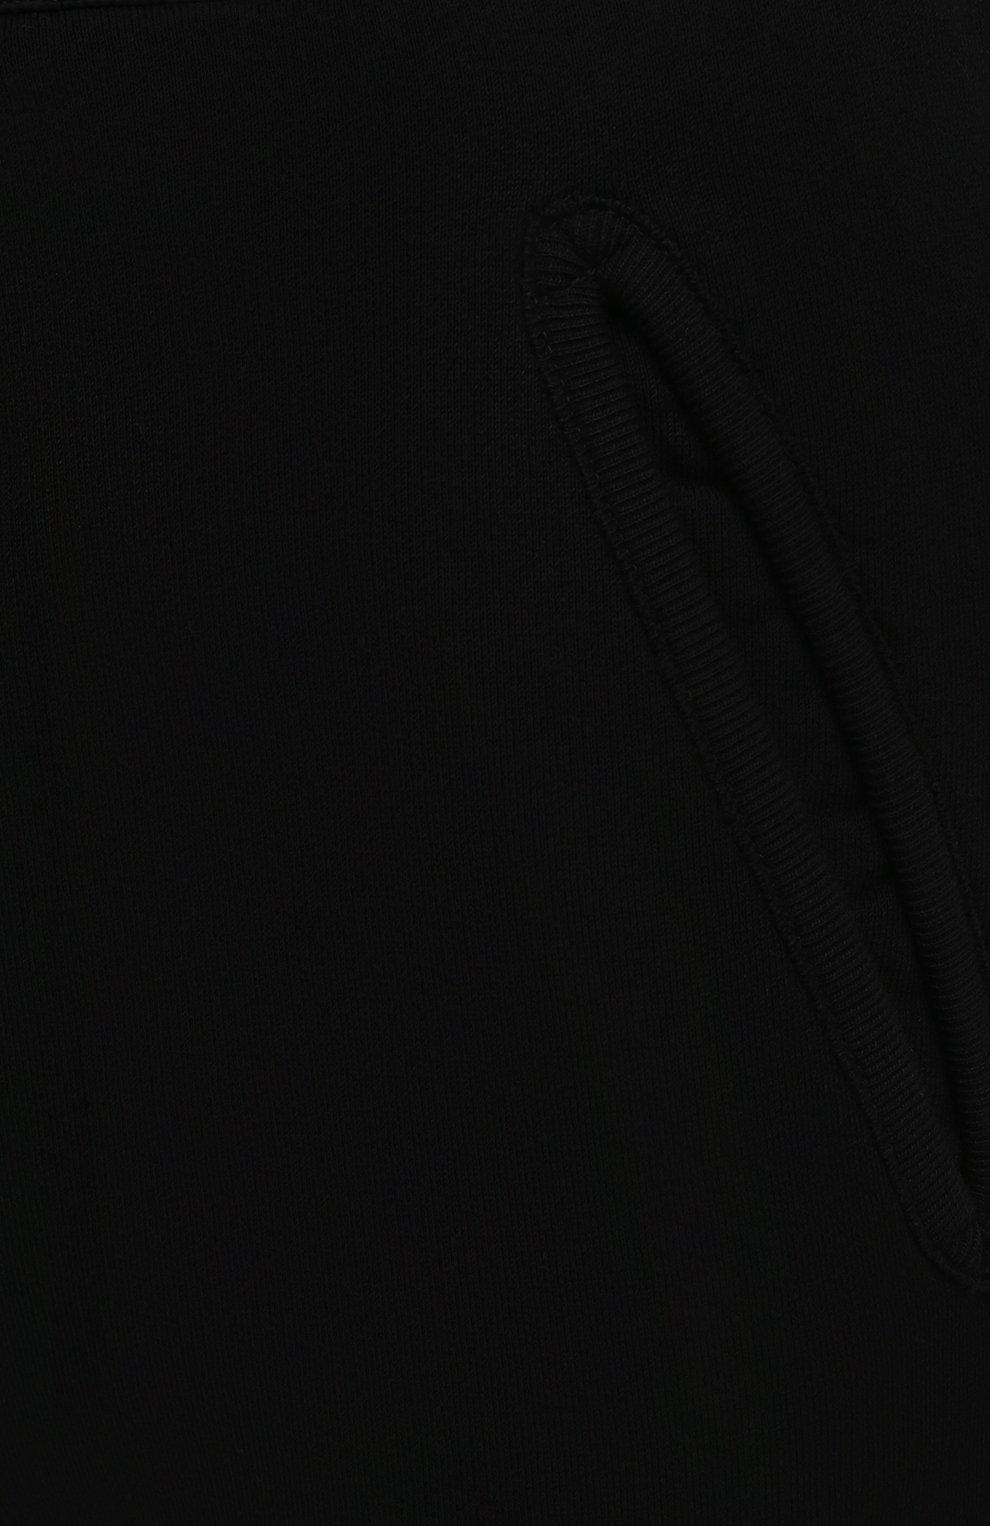 Мужские хлопковые джоггеры DSQUARED2 черного цвета, арт. S79KA0020/S25042 | Фото 5 (Мужское Кросс-КТ: Брюки-трикотаж; Длина (брюки, джинсы): Стандартные; Кросс-КТ: Спорт; Материал внешний: Хлопок; Стили: Спорт-шик; Силуэт М (брюки): Джоггеры)